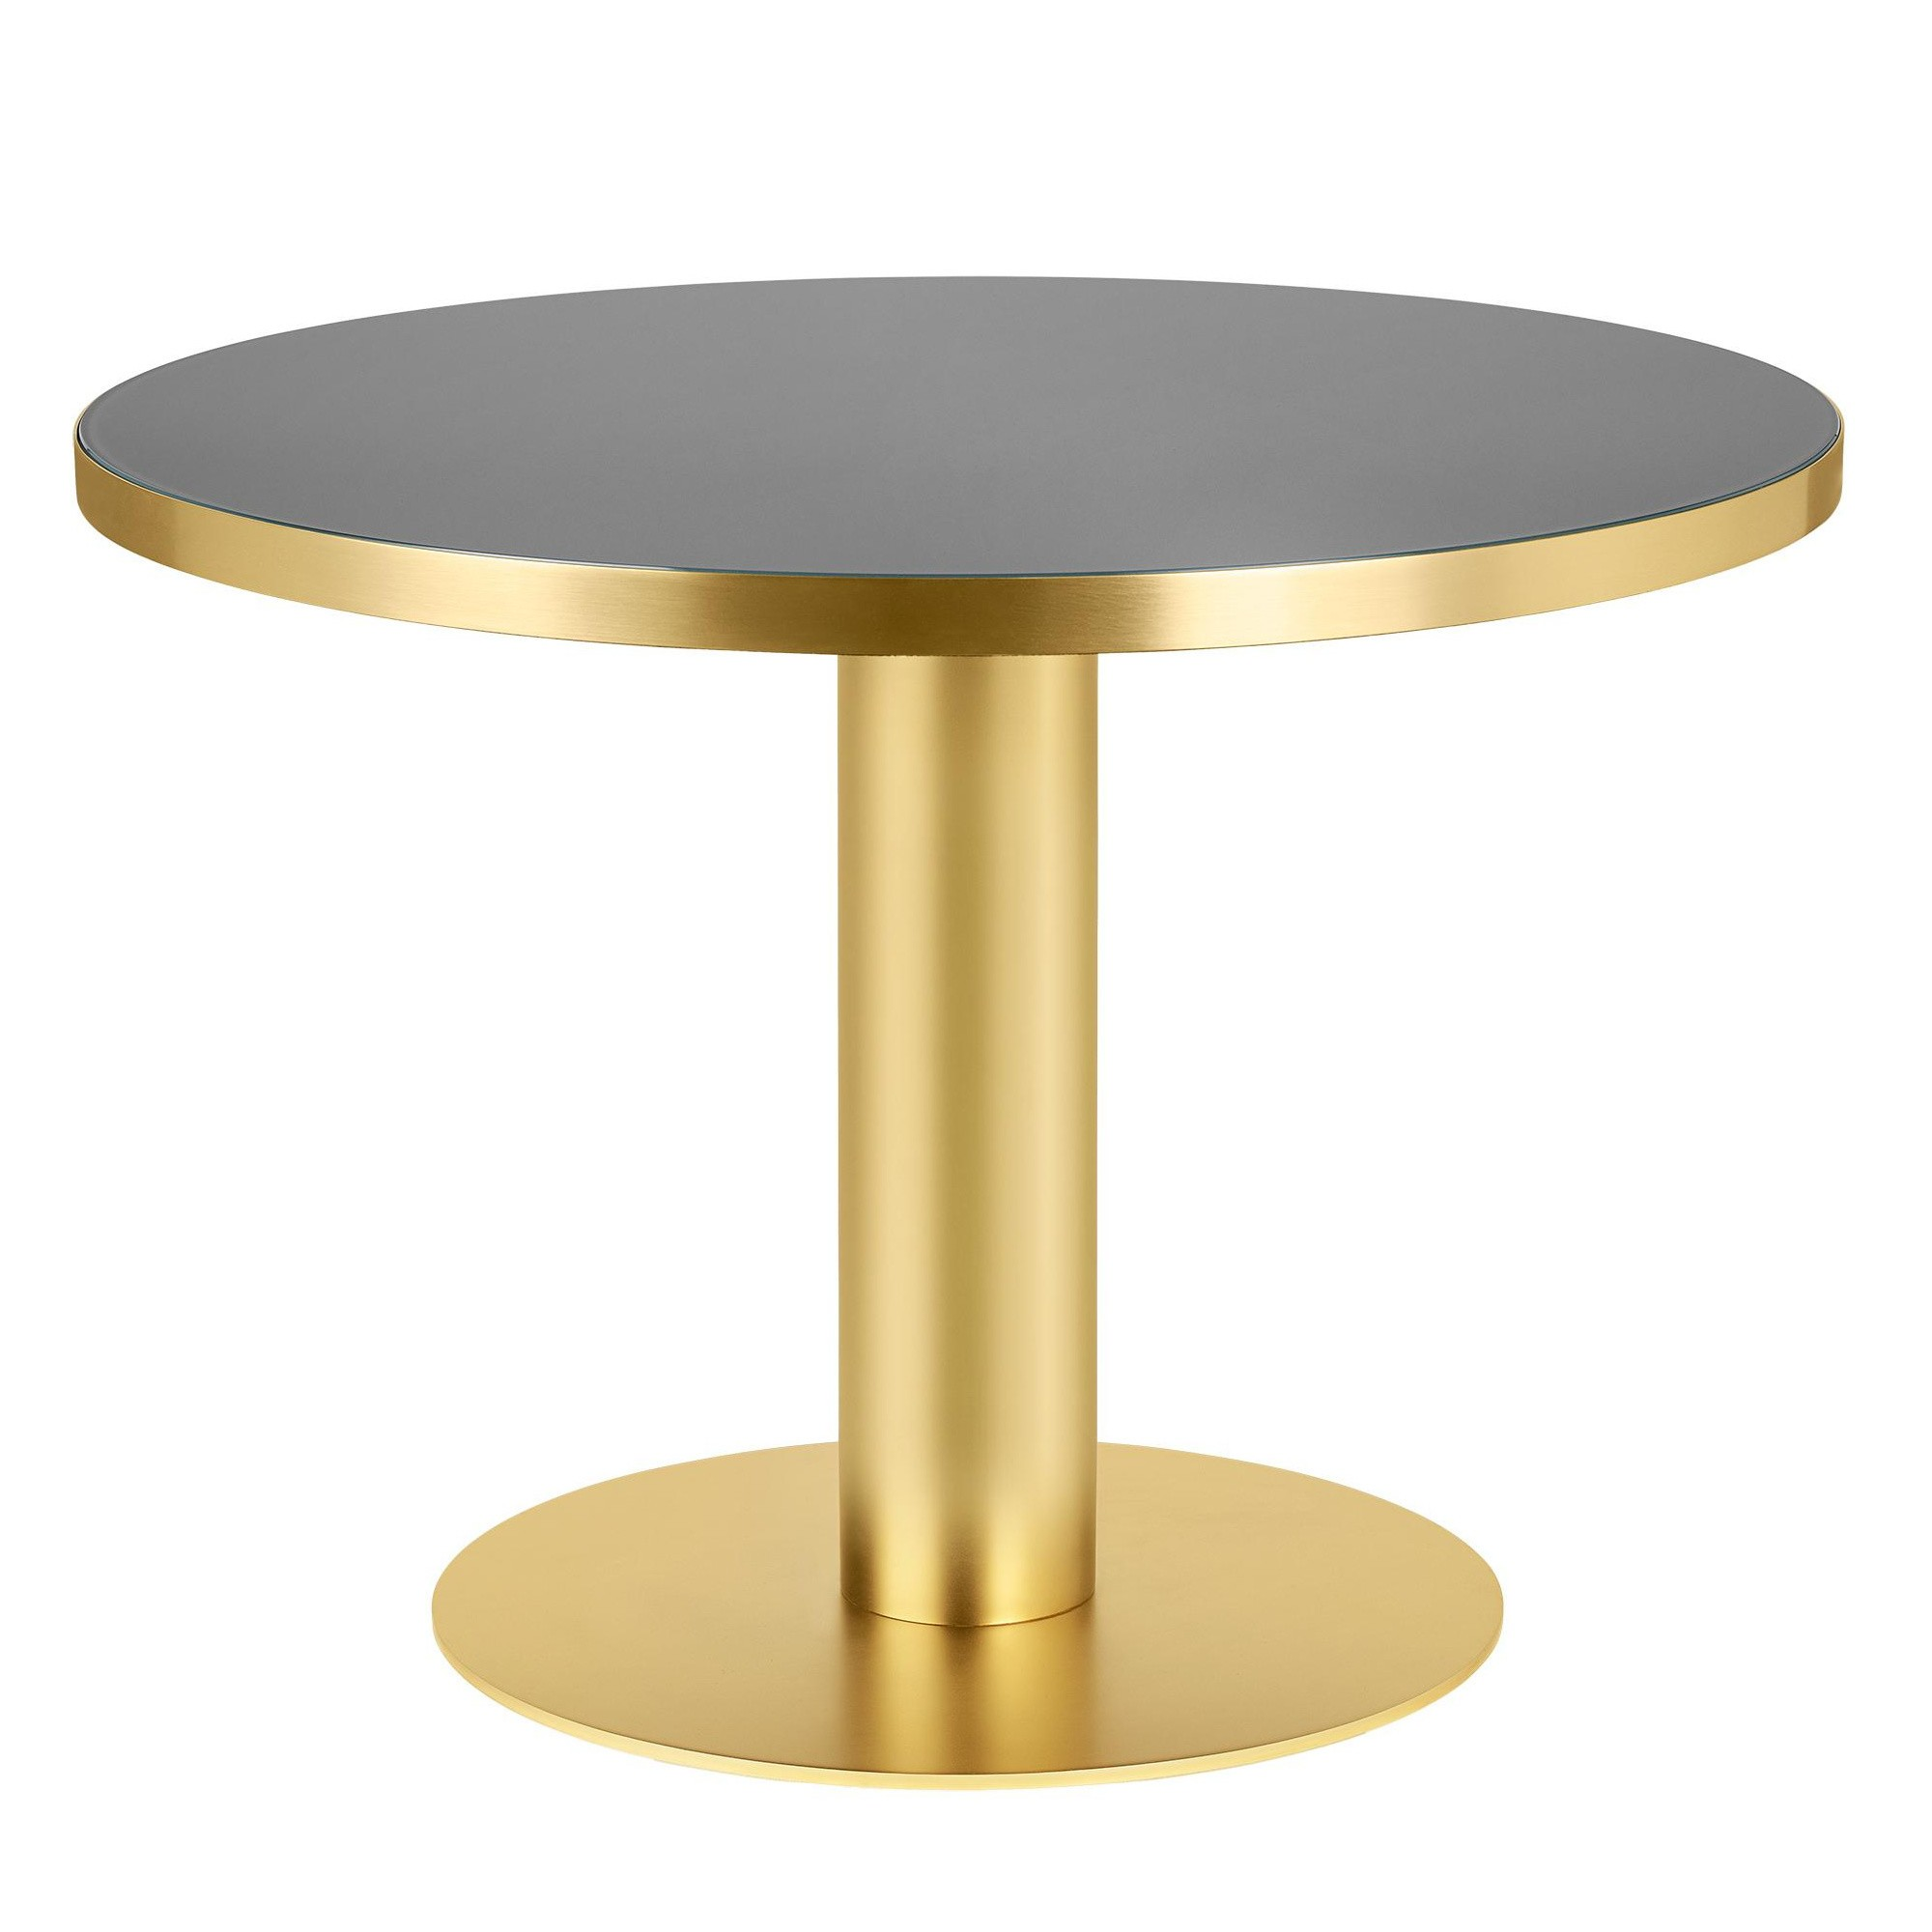 Gubi 2 0 Dining Table Frame Brass O110cm Ambientedirect